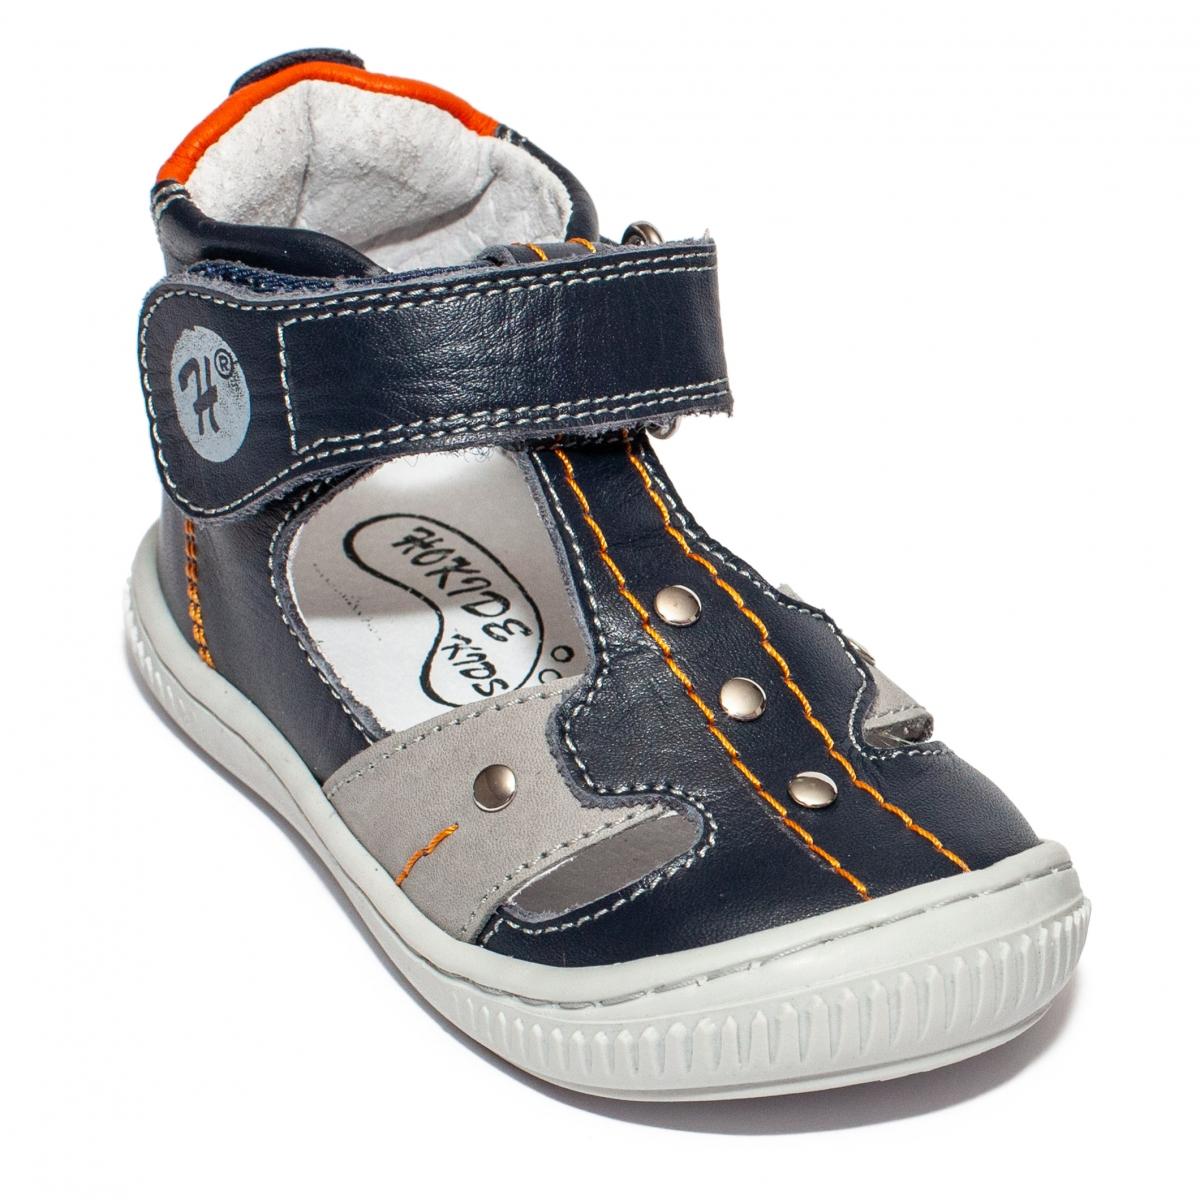 Sandalute ortopedice fete hokide 273 bordo bej 18-25